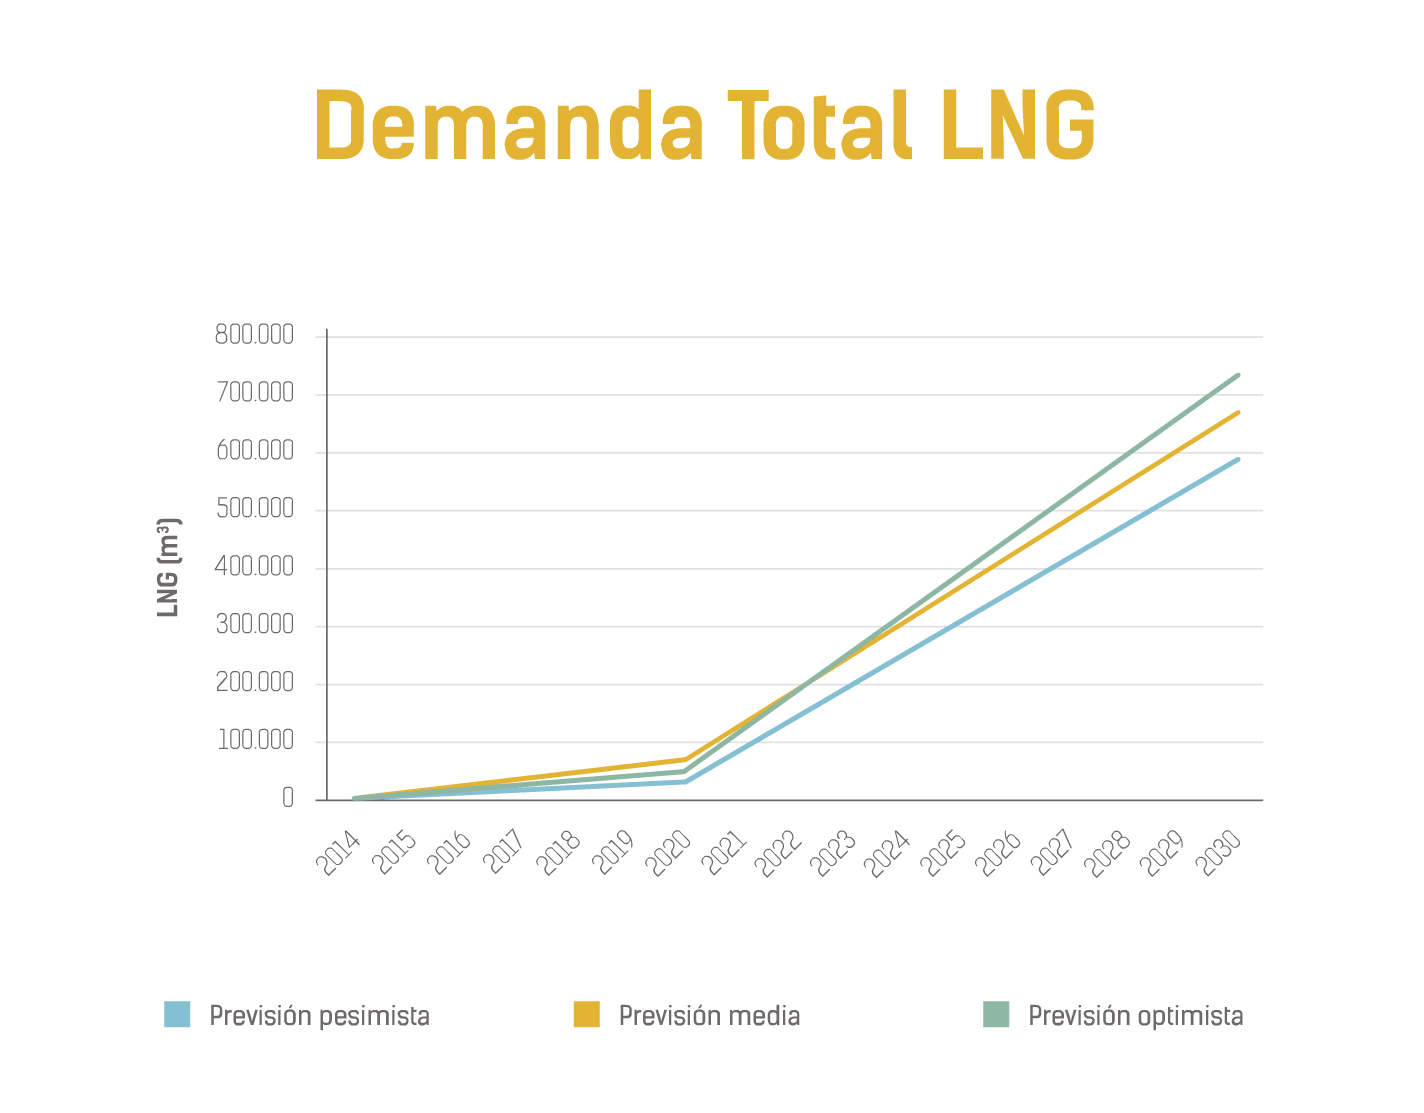 DEMANDA TOTAL LNG